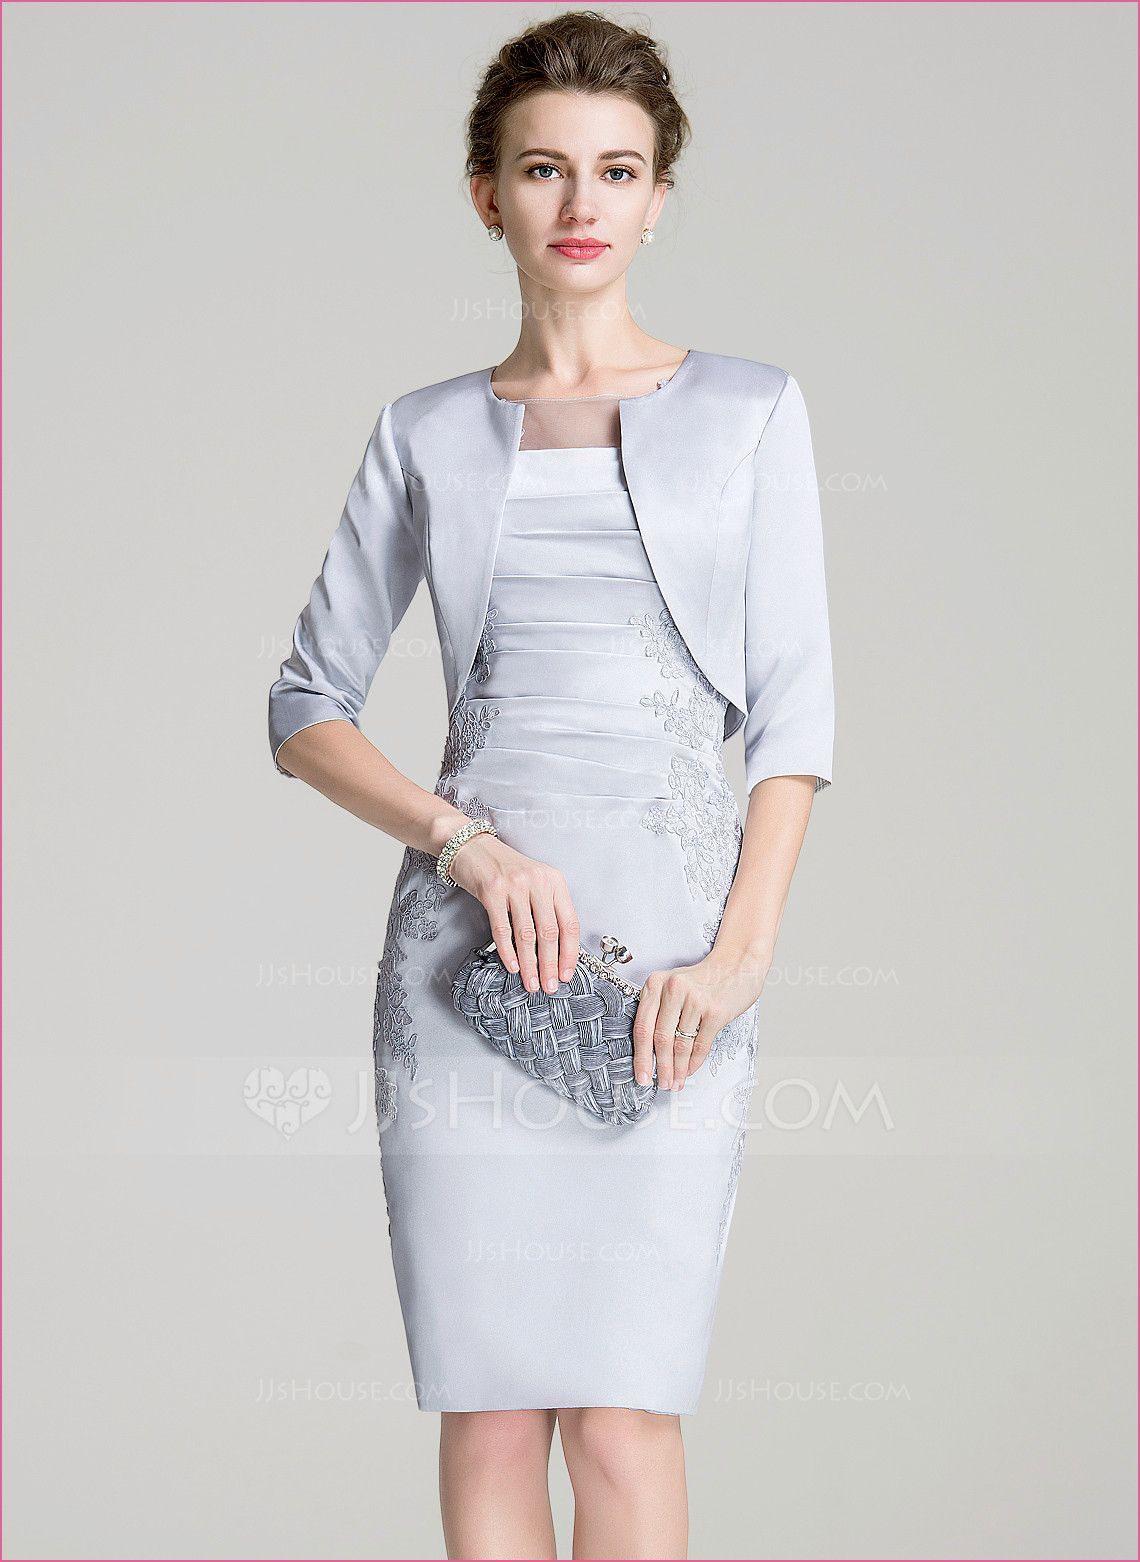 Elegante Kleider Zur Hochzeit Brautmutter Elegante In 2020